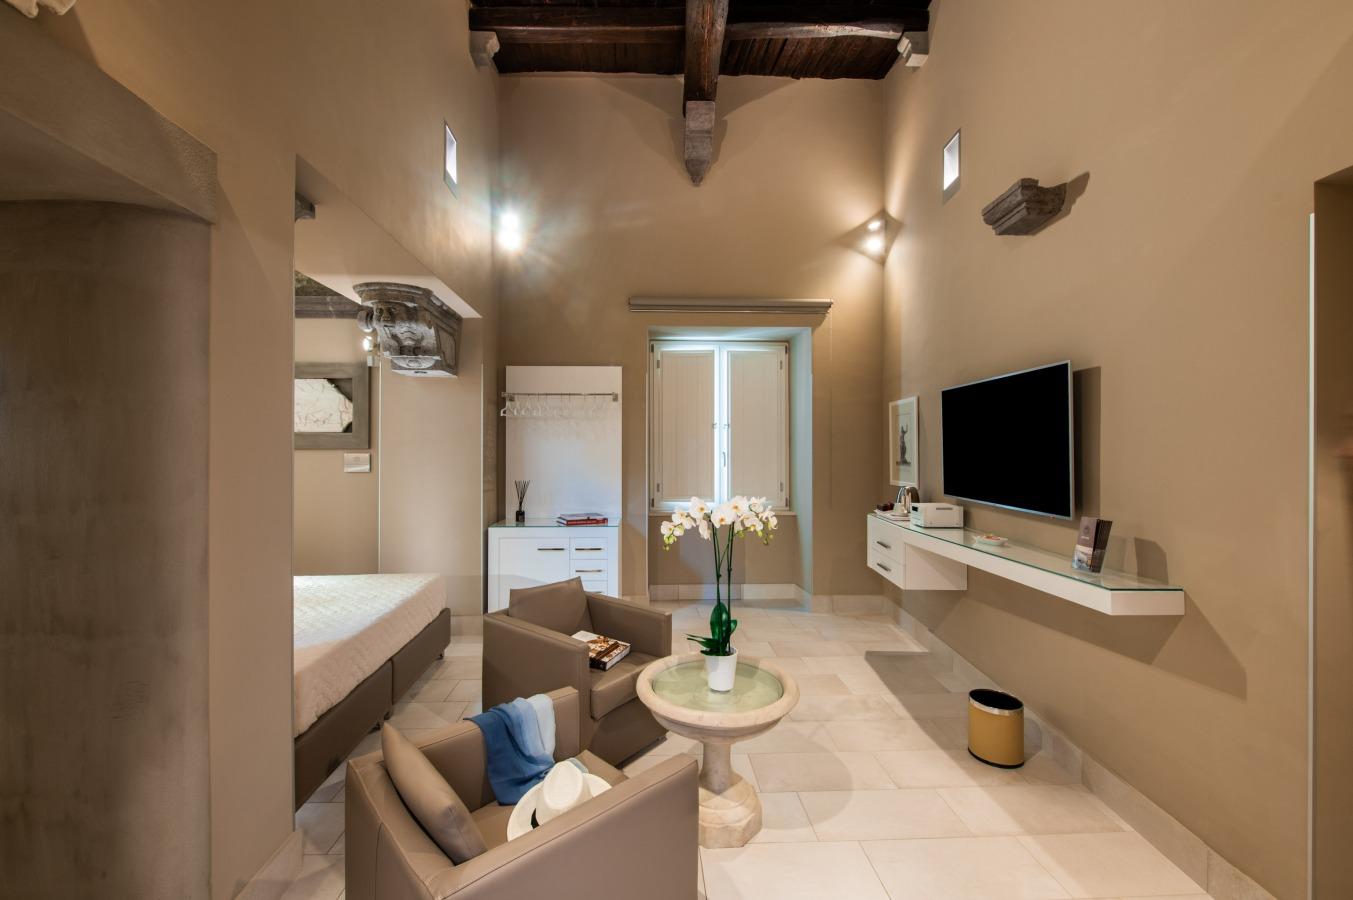 Camera Con Vasca Idromassaggio Per Due : Suite con idromassaggio nel centro di sorrento magi house antica